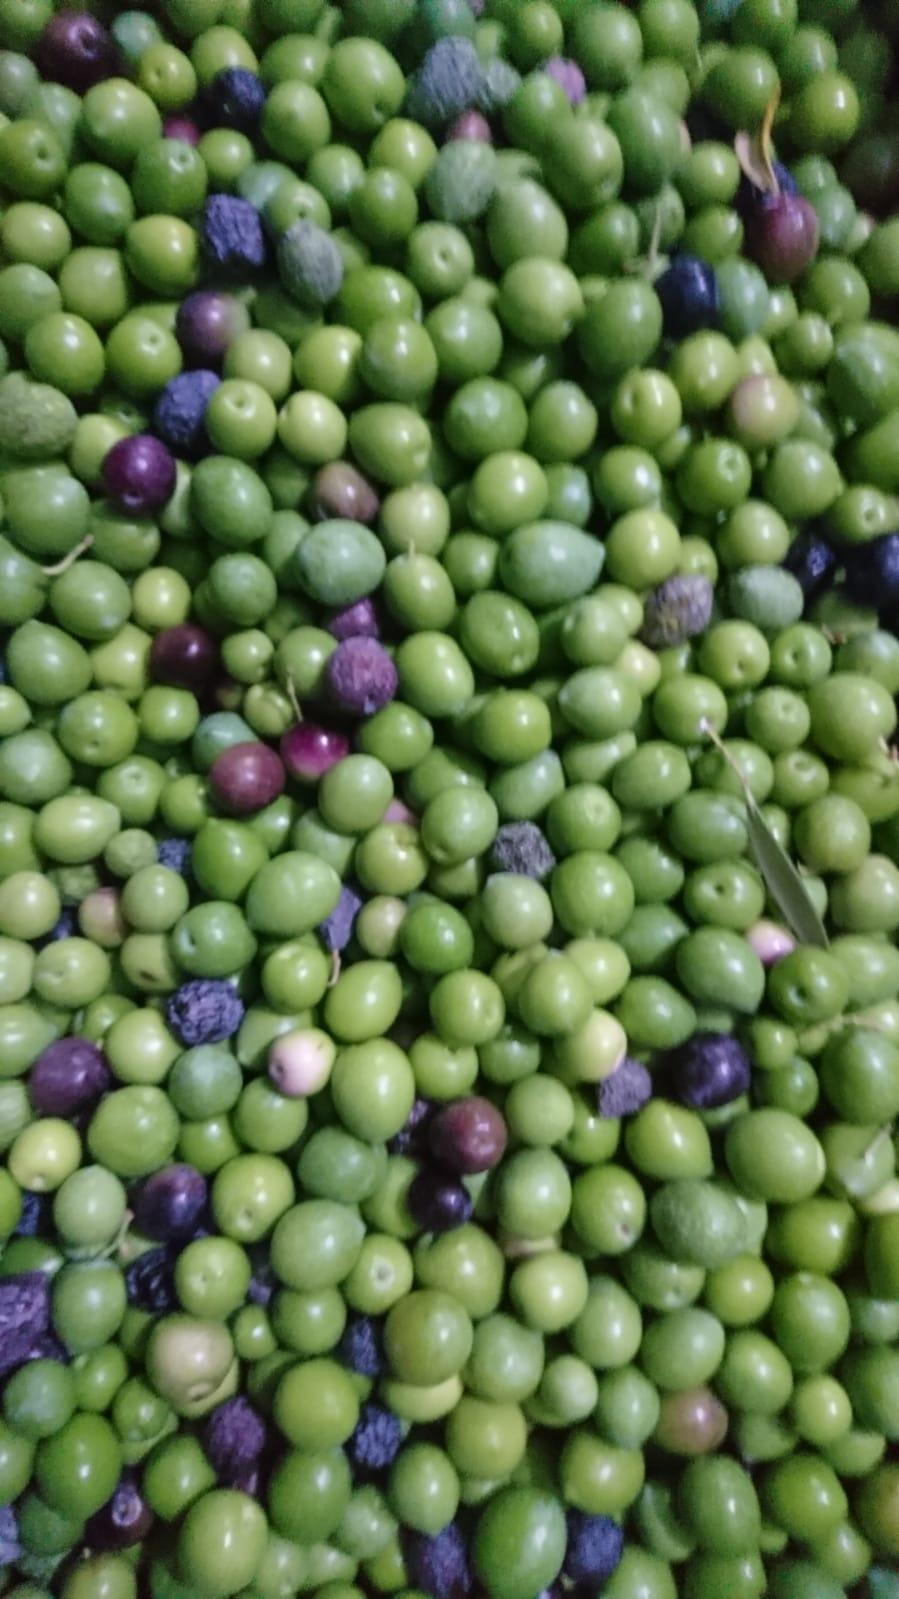 Aceitunas verdes DE SEGUNDA de mesa ecológicas para aliñar - comprar aceitunas crudas - comprar aceitunas al por mayor - comprar aceitunas a granel